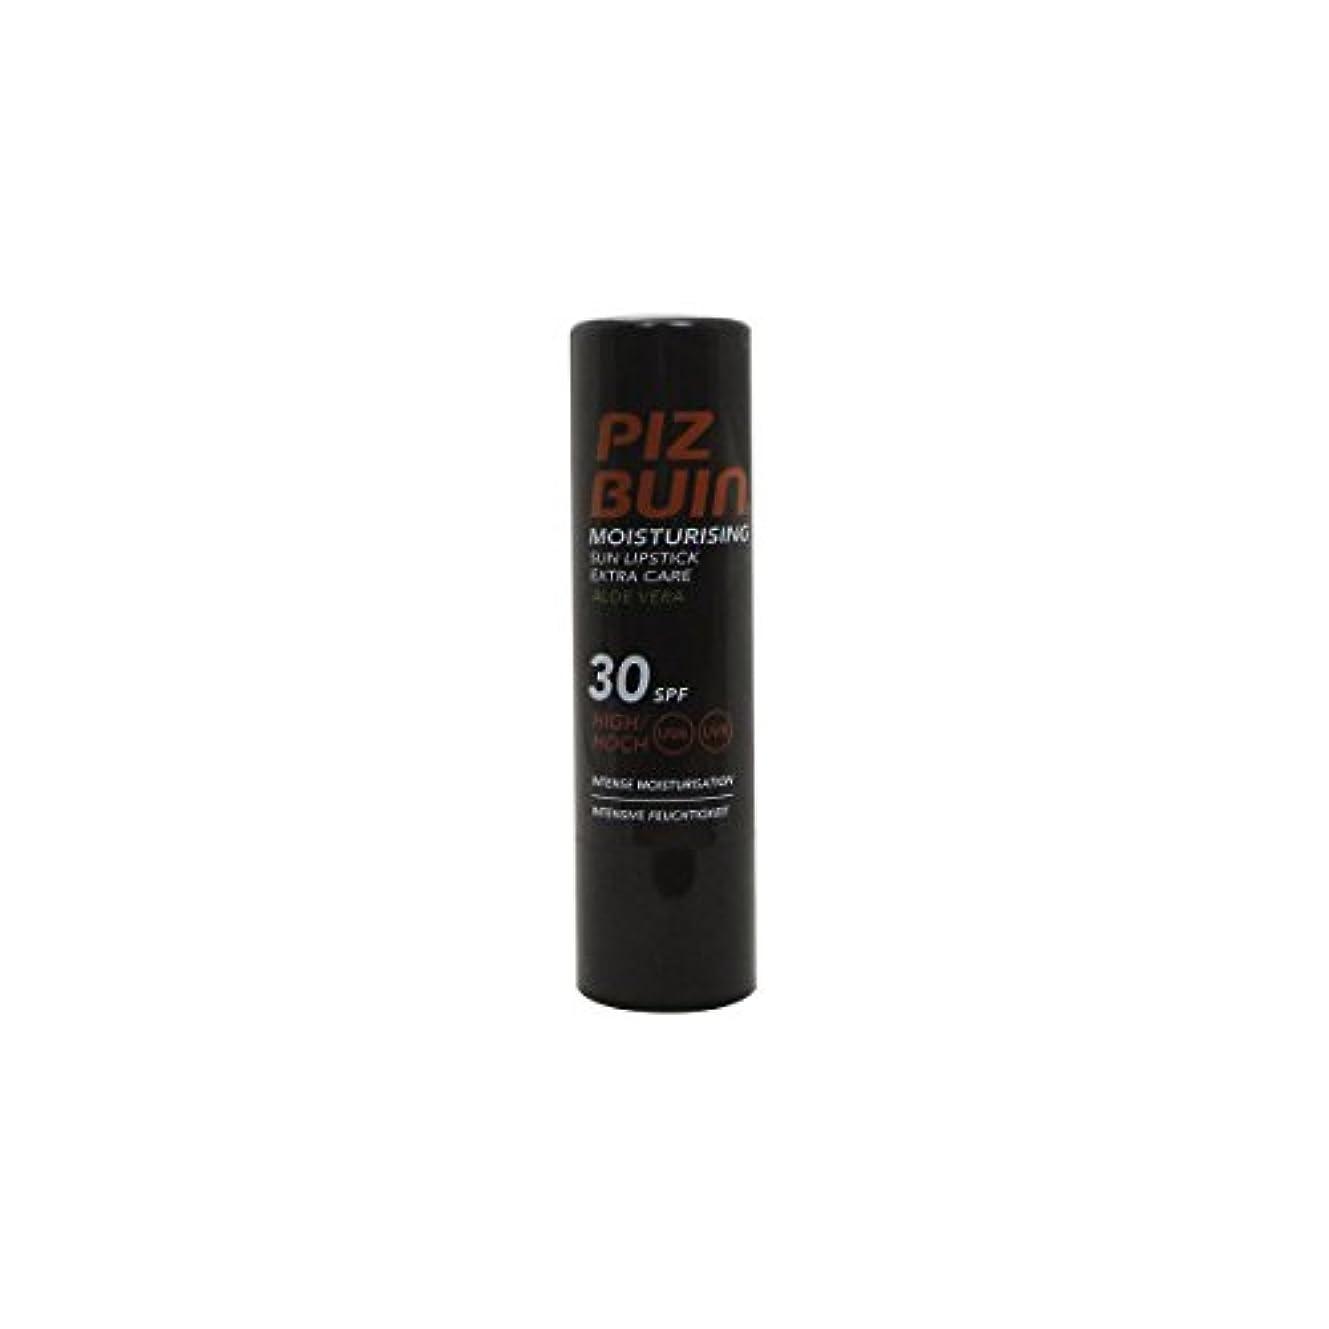 ブラストバルーン敵対的Piz Buin Lipstick Spf 30 Moisturising With Aloe Vera5g [並行輸入品]